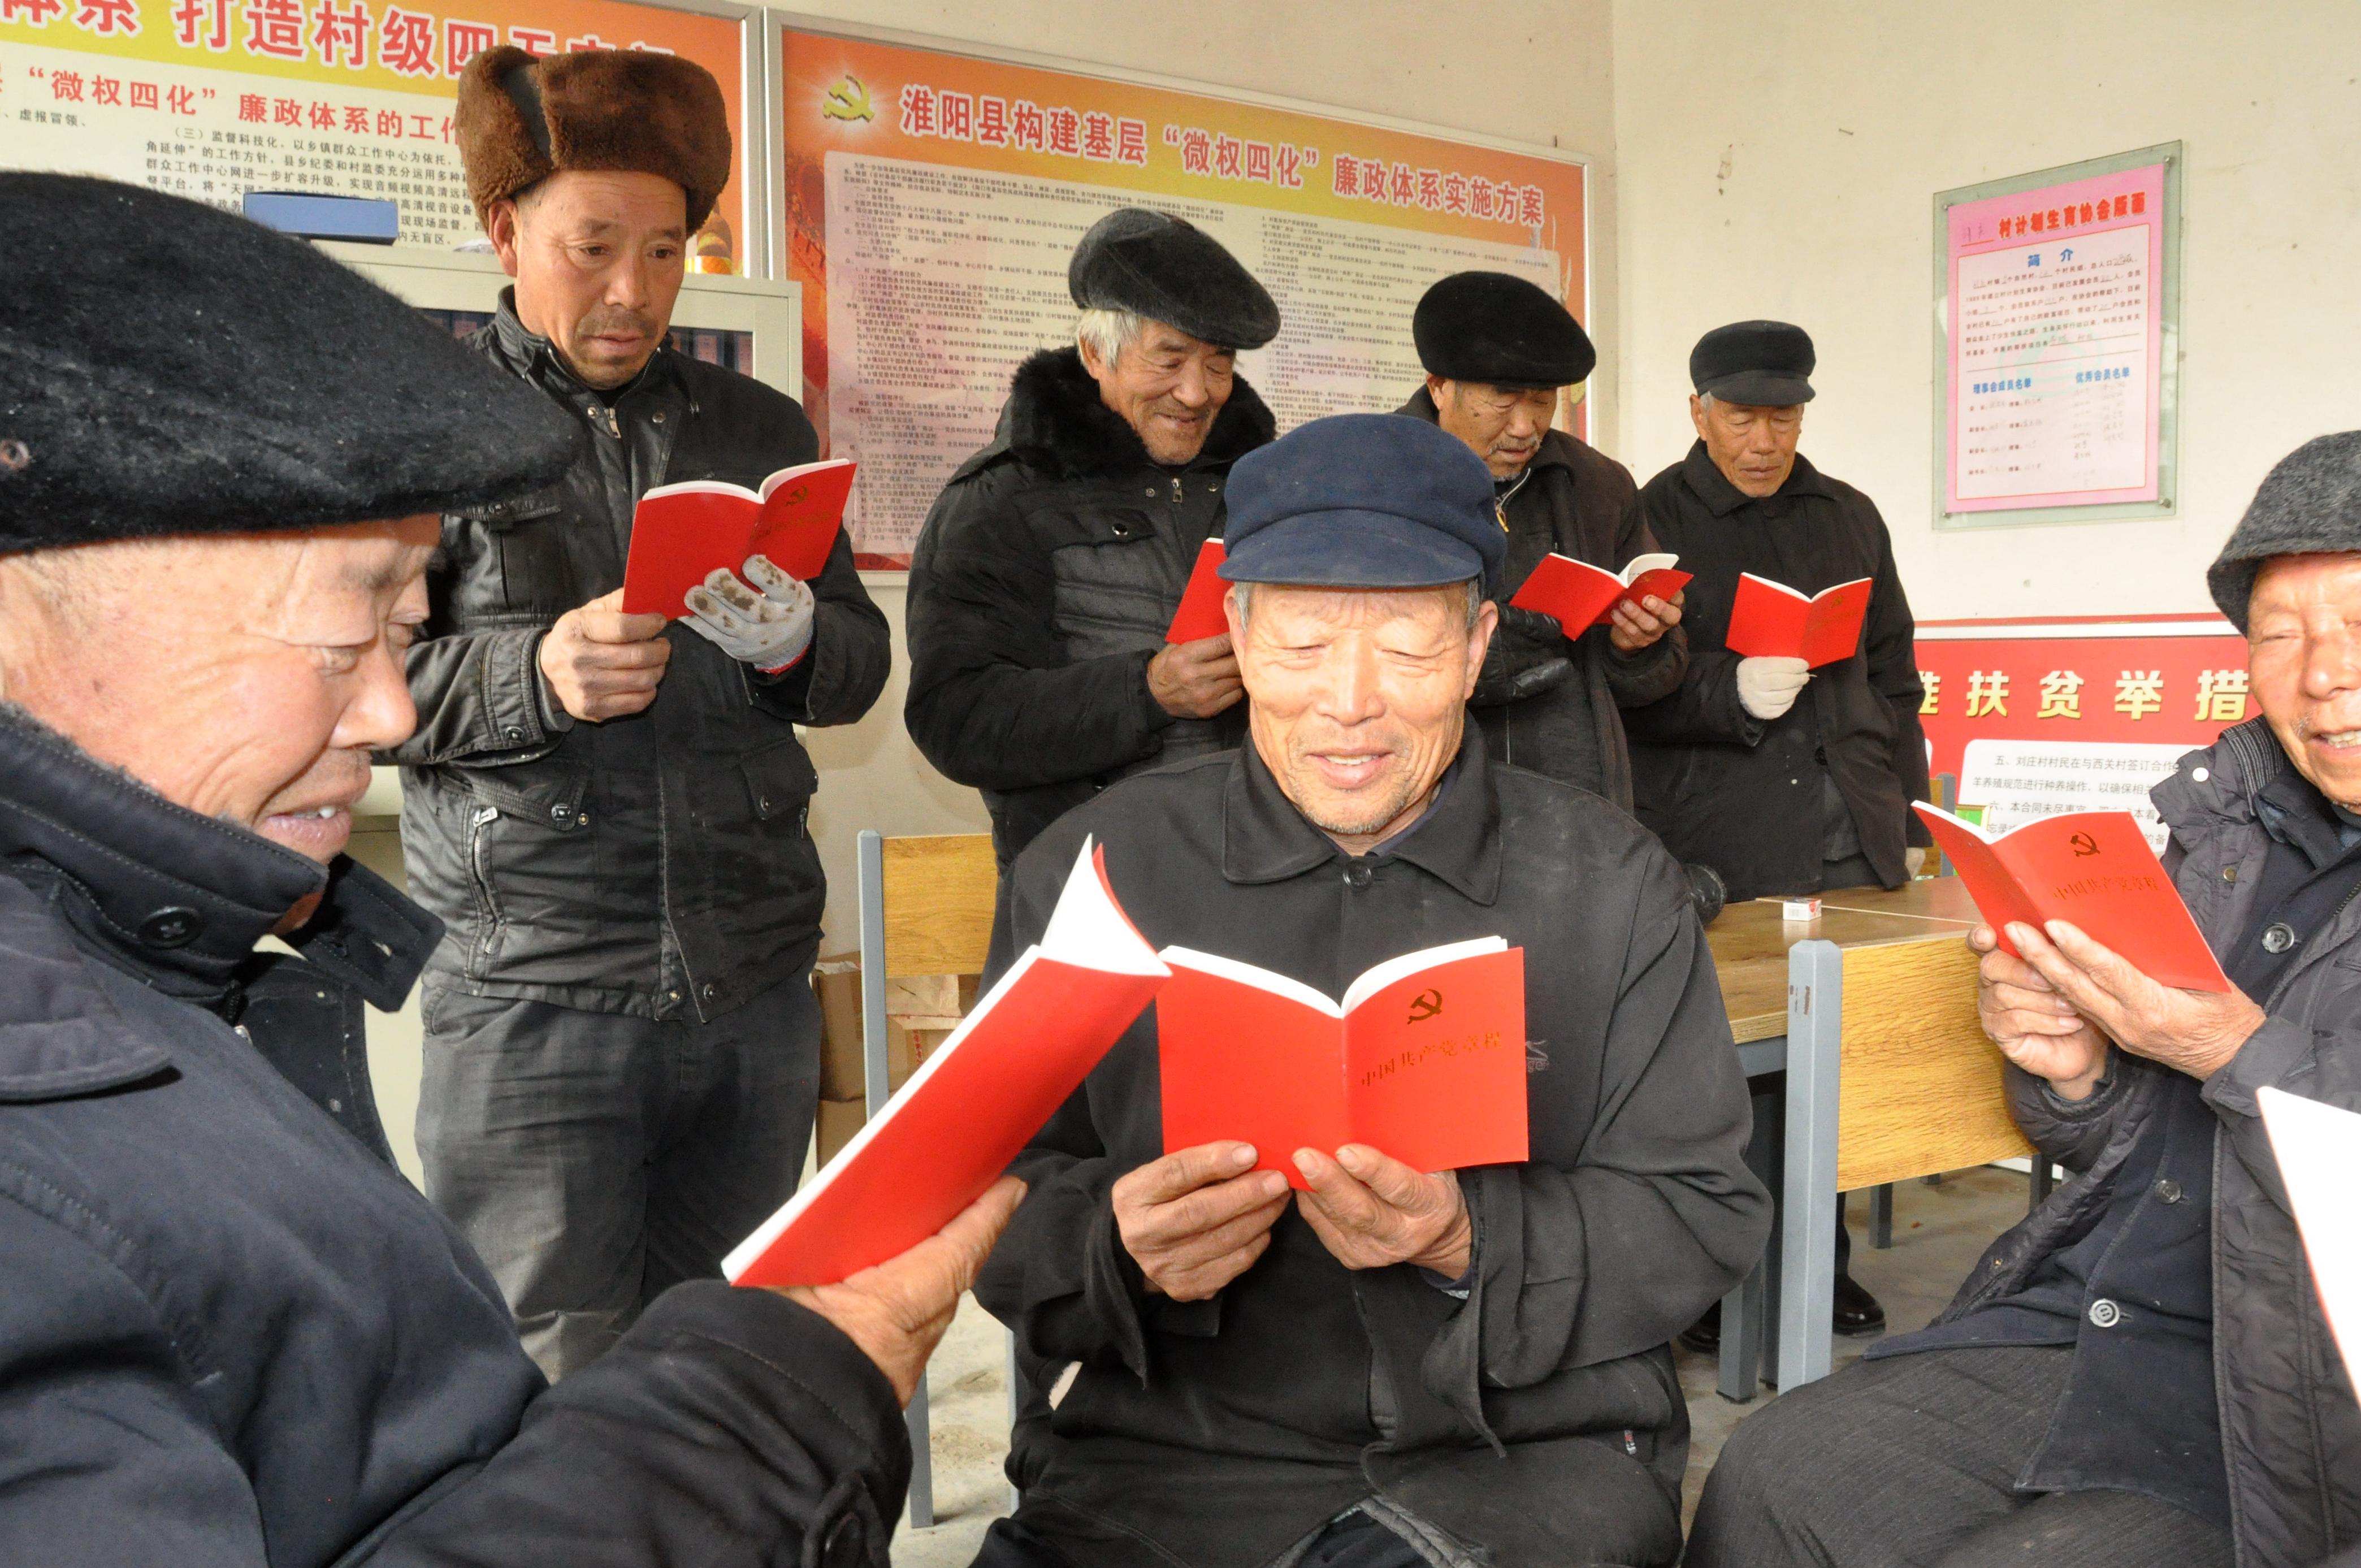 冯塘乡刘庄驻村工作队组织老党员学习党的十九大报告精神和党章,重温入党誓词。   杜欣  摄影